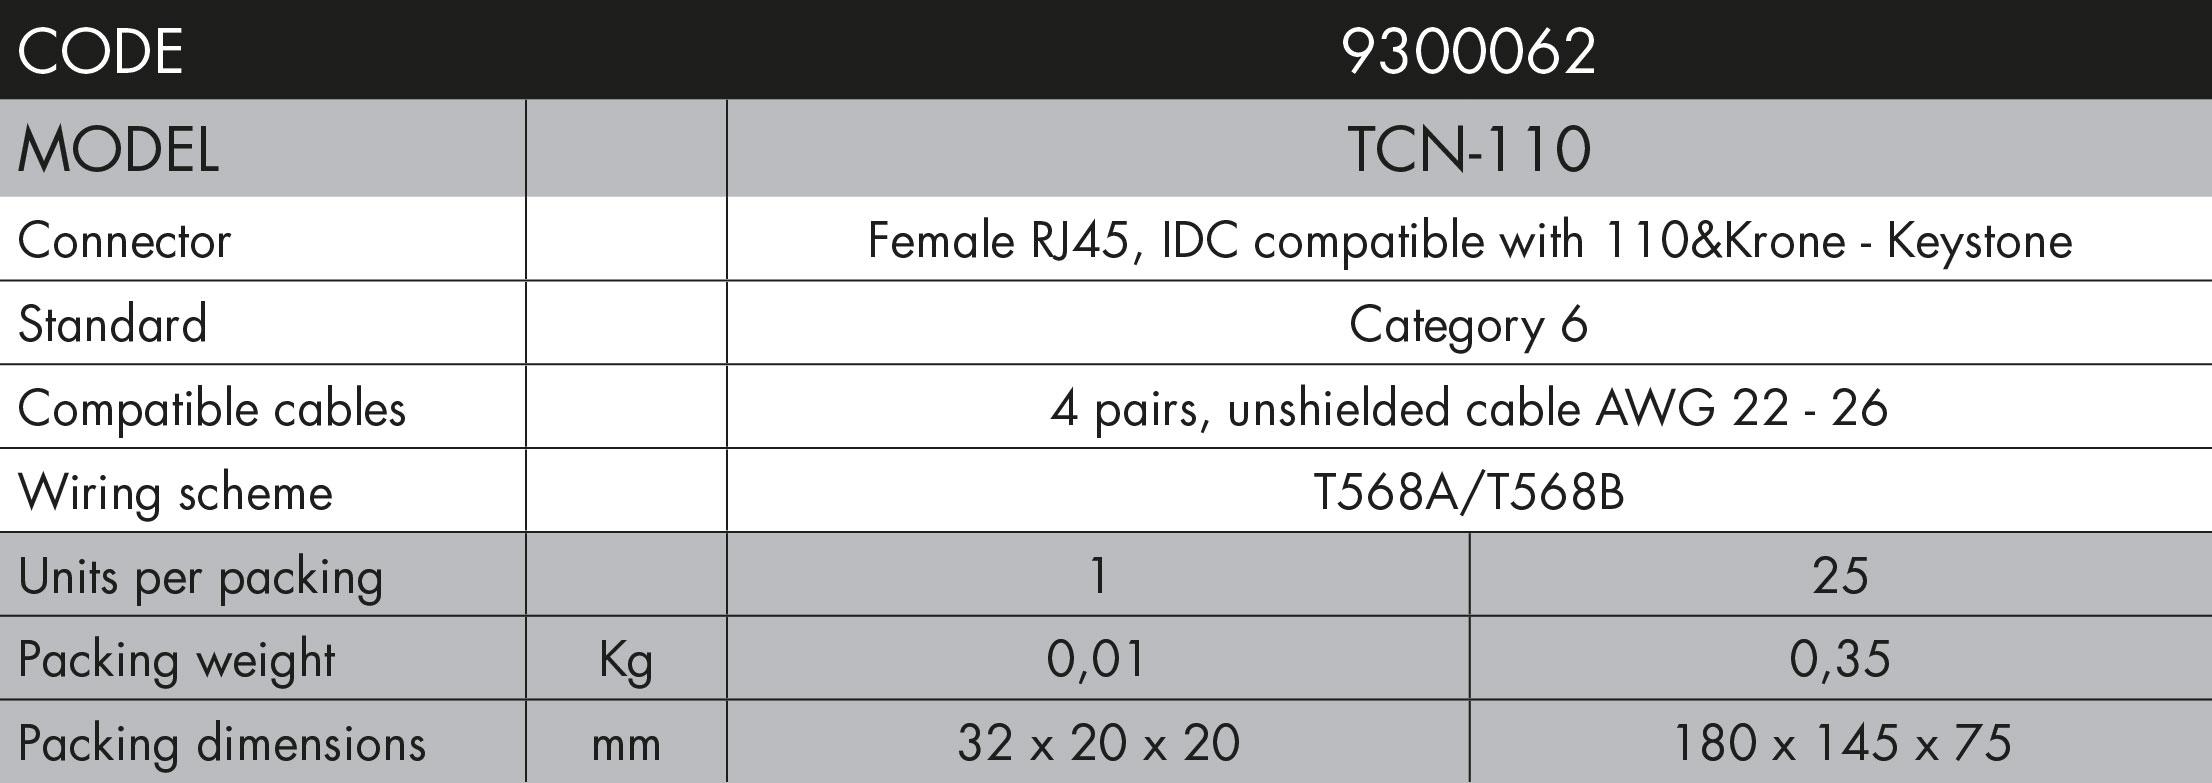 9300062-tablaES.jpg